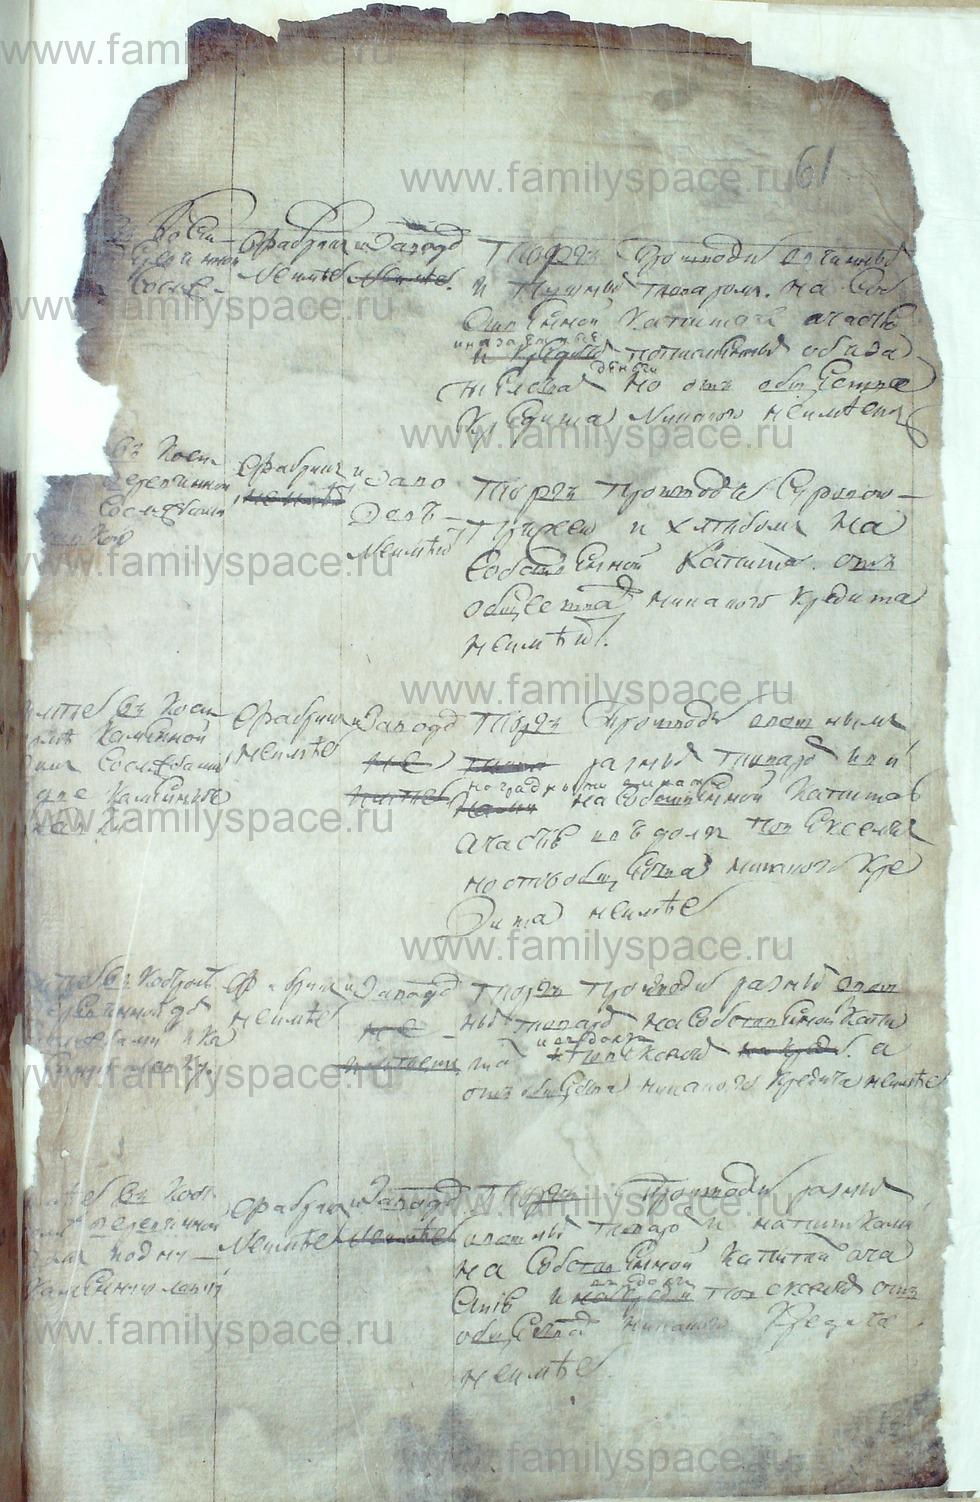 Поиск по фамилии - Сведения о купцах г. Кострома и их капиталах, страница 72